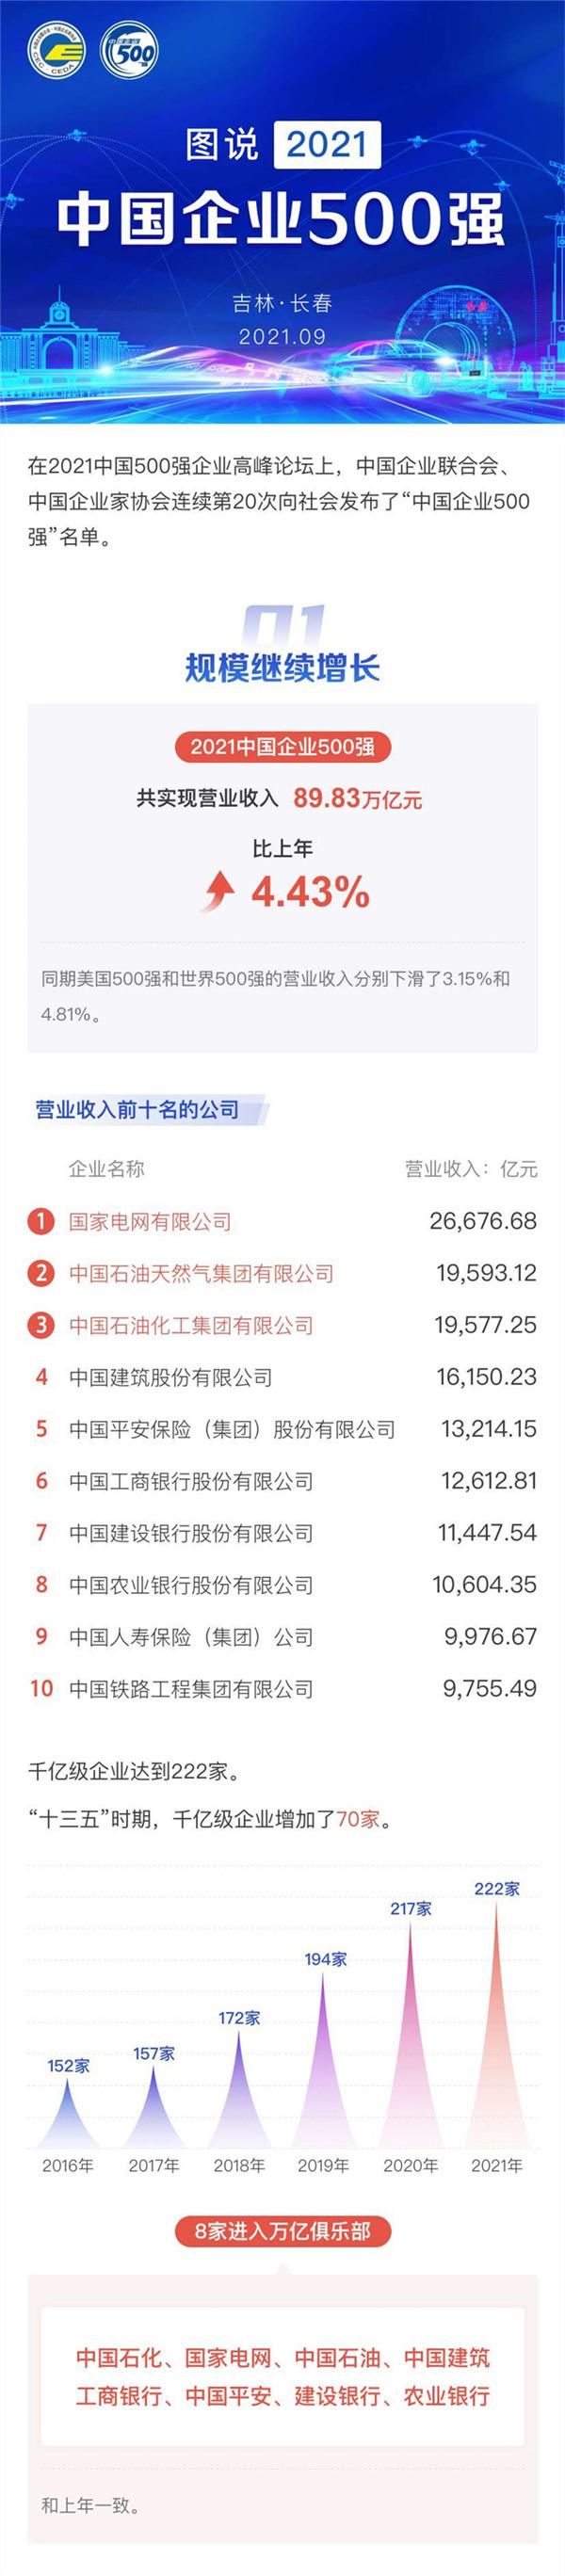 2021中国企业500强榜单发布